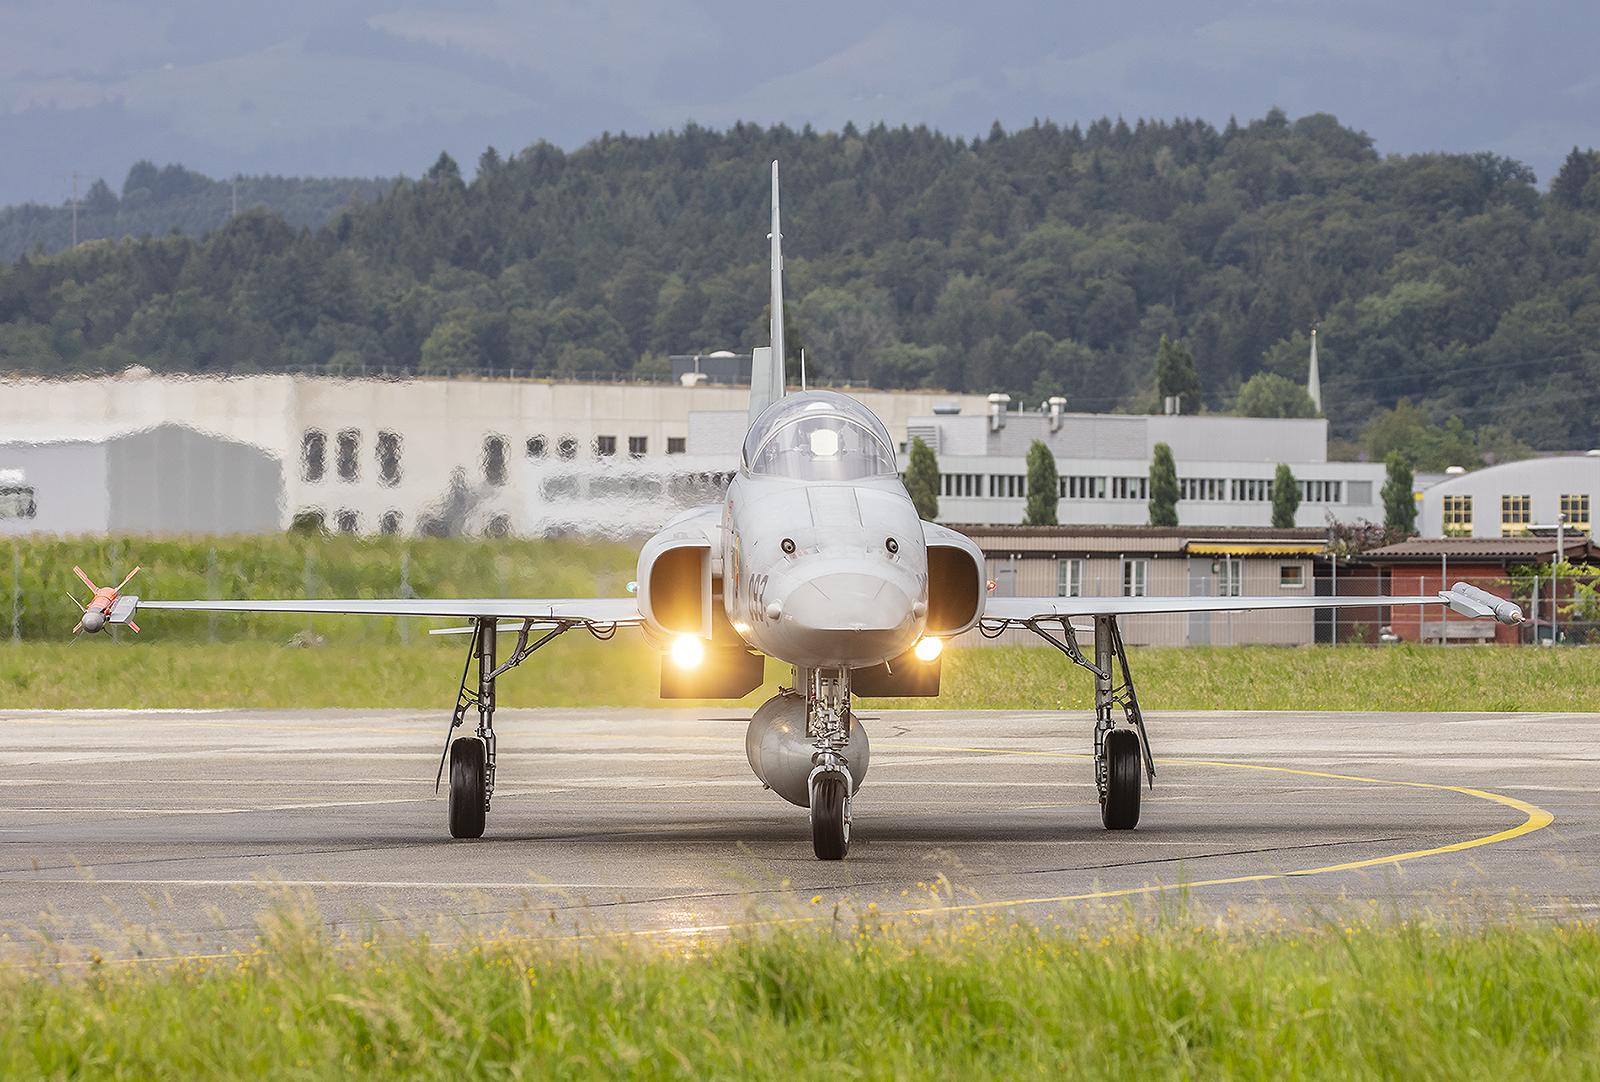 Immer seltener werden die F-5 Tiger II.